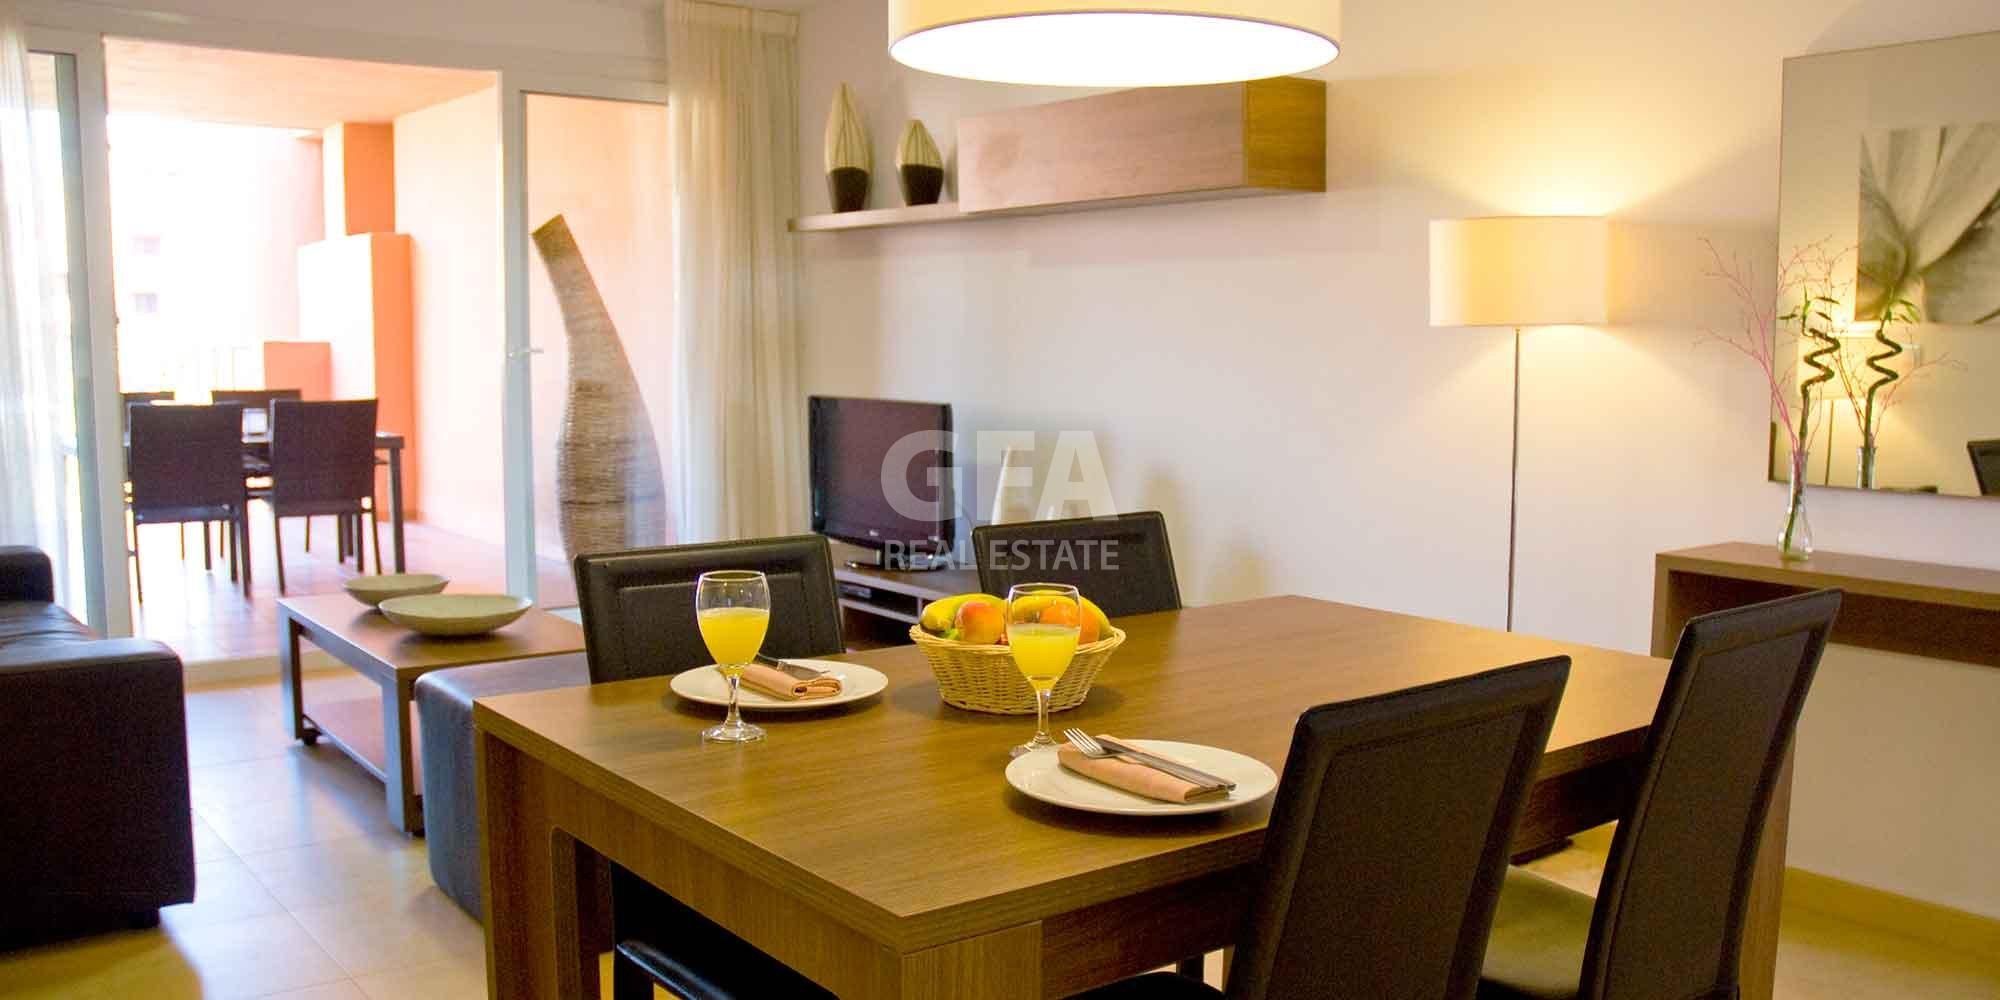 Residencial obra nueva Mar Menor Golf Resort salón comedor